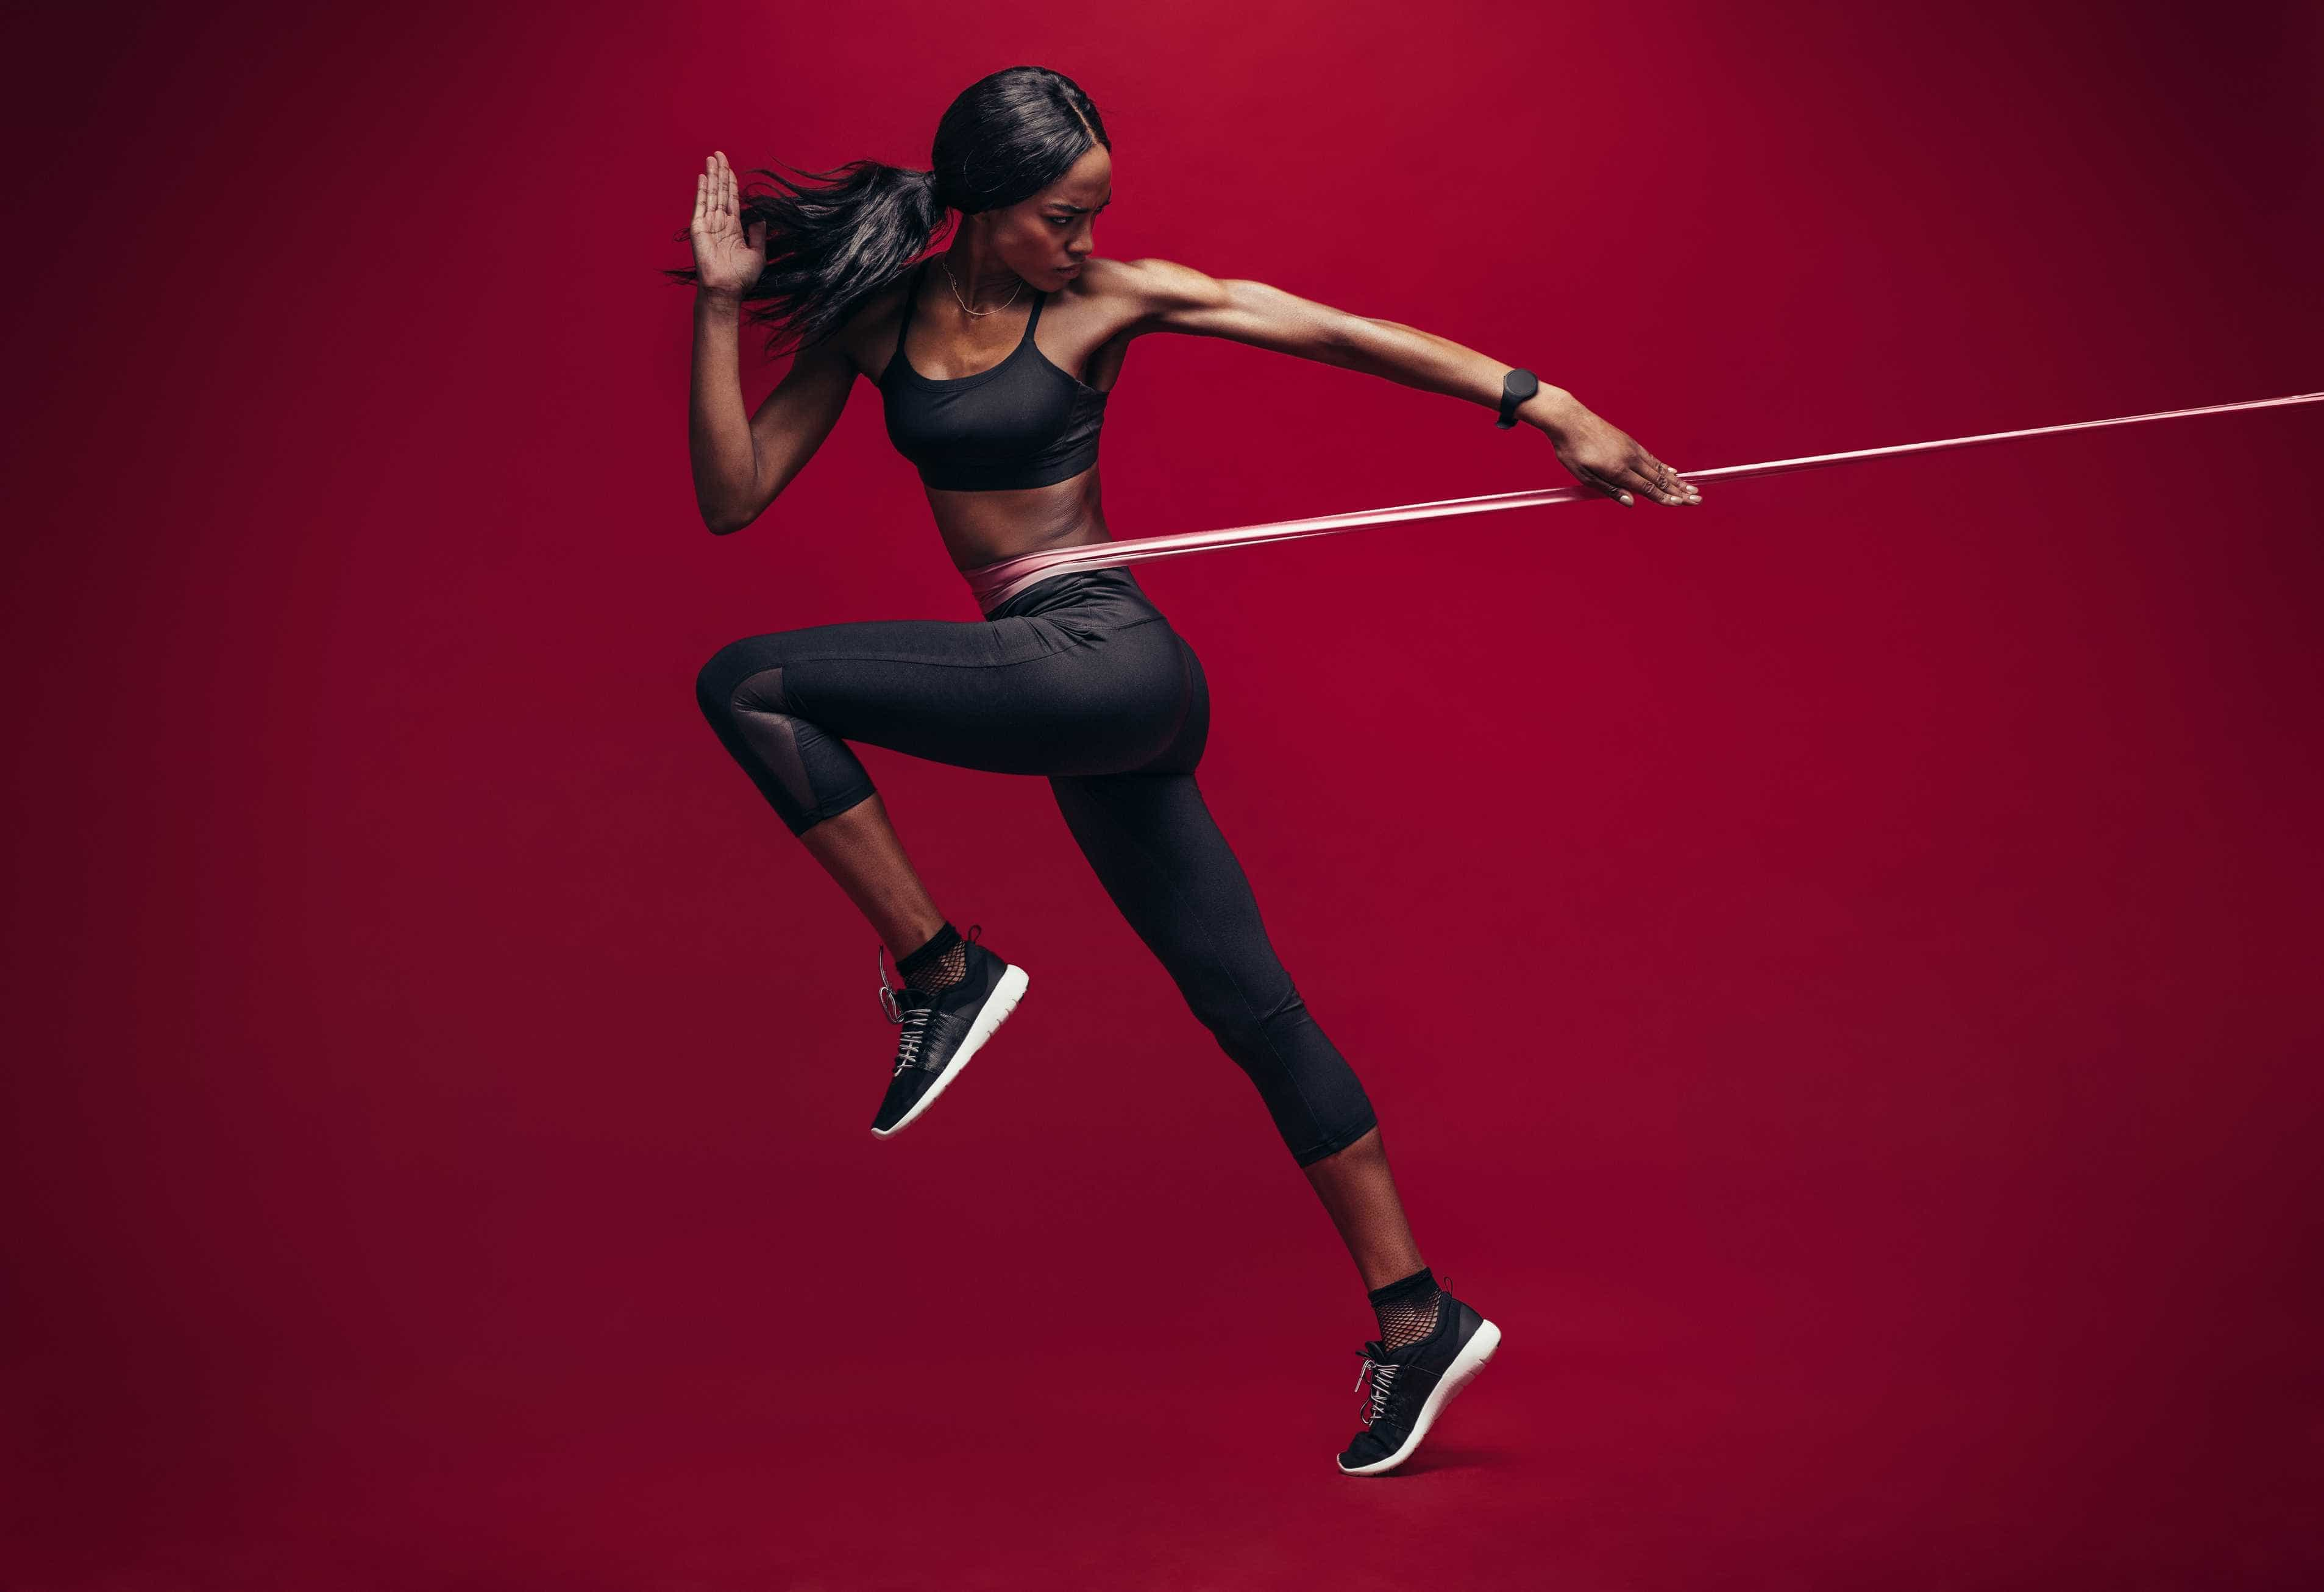 Tic-tac. Praticar exercício em excesso pode provocar o colapso do coração